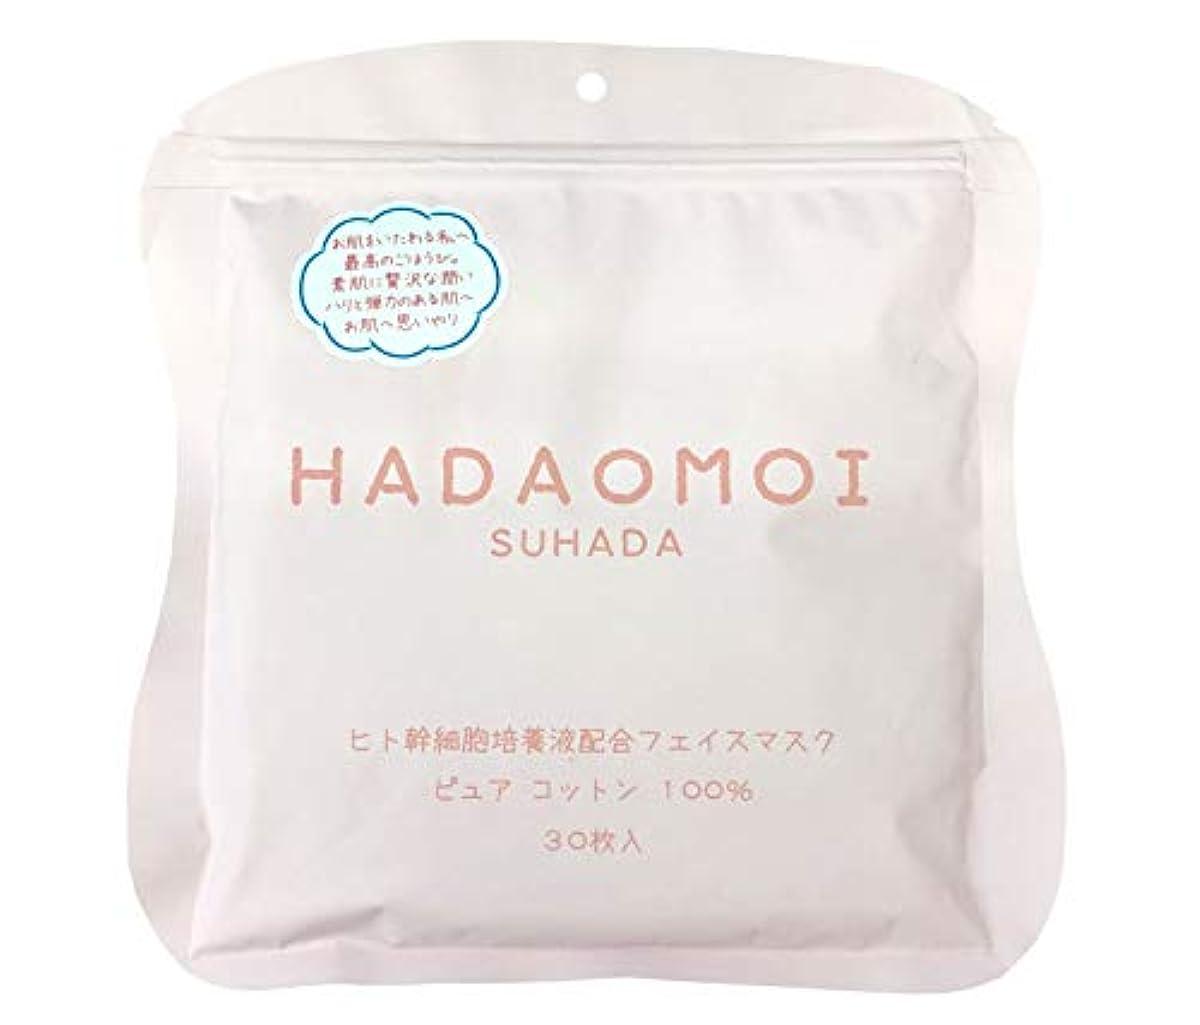 パイいちゃつくクリスマスHADAOMOI(ハダオモイ) ヒト幹細胞フェイスマスク 30枚入